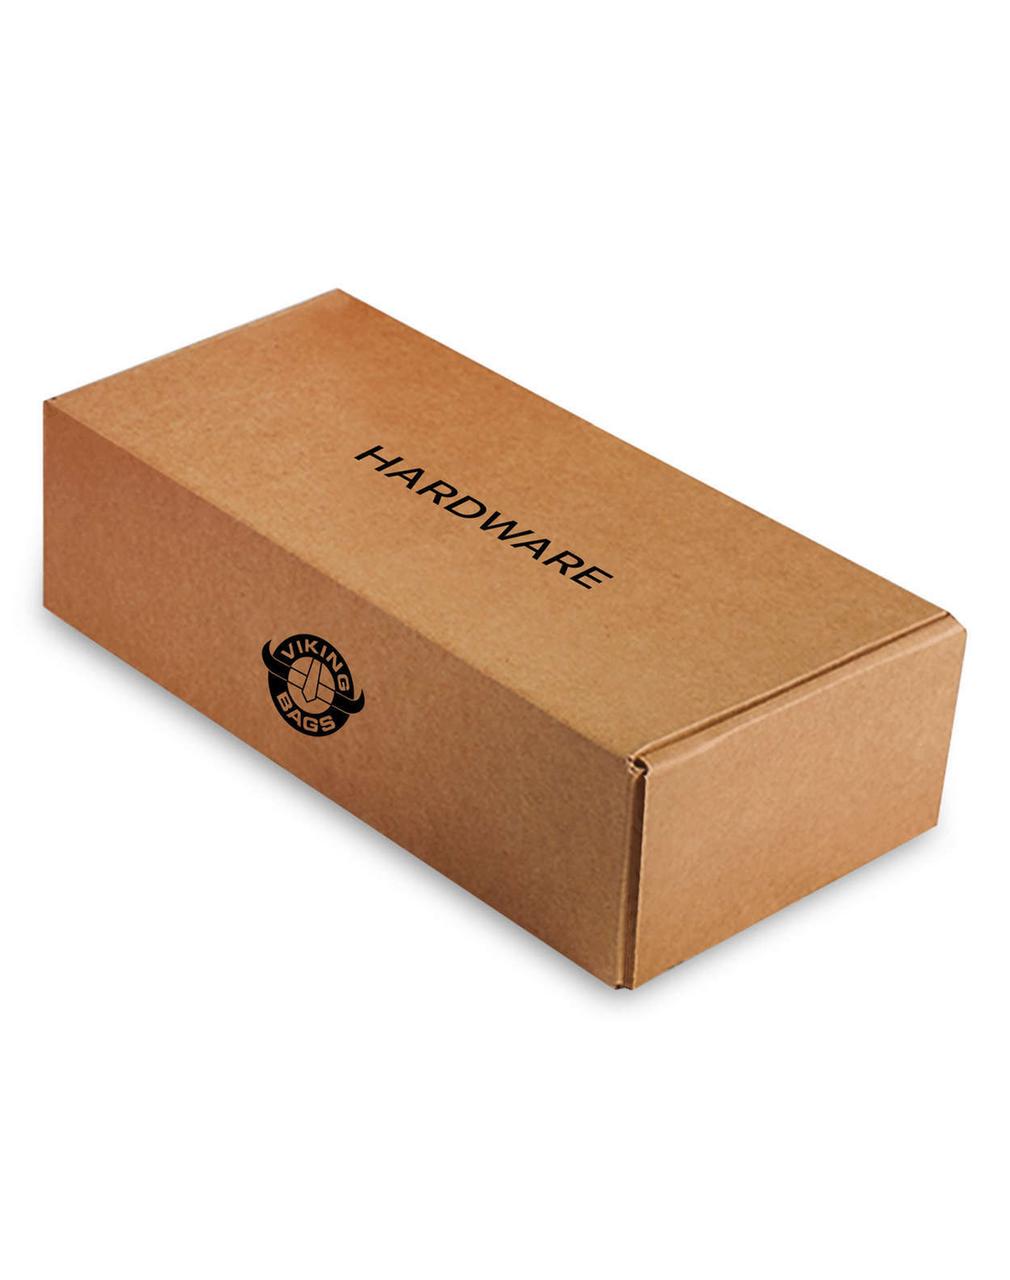 Honda 750 Shadow Phantom Large Slanted Motorcycle Saddlebags box